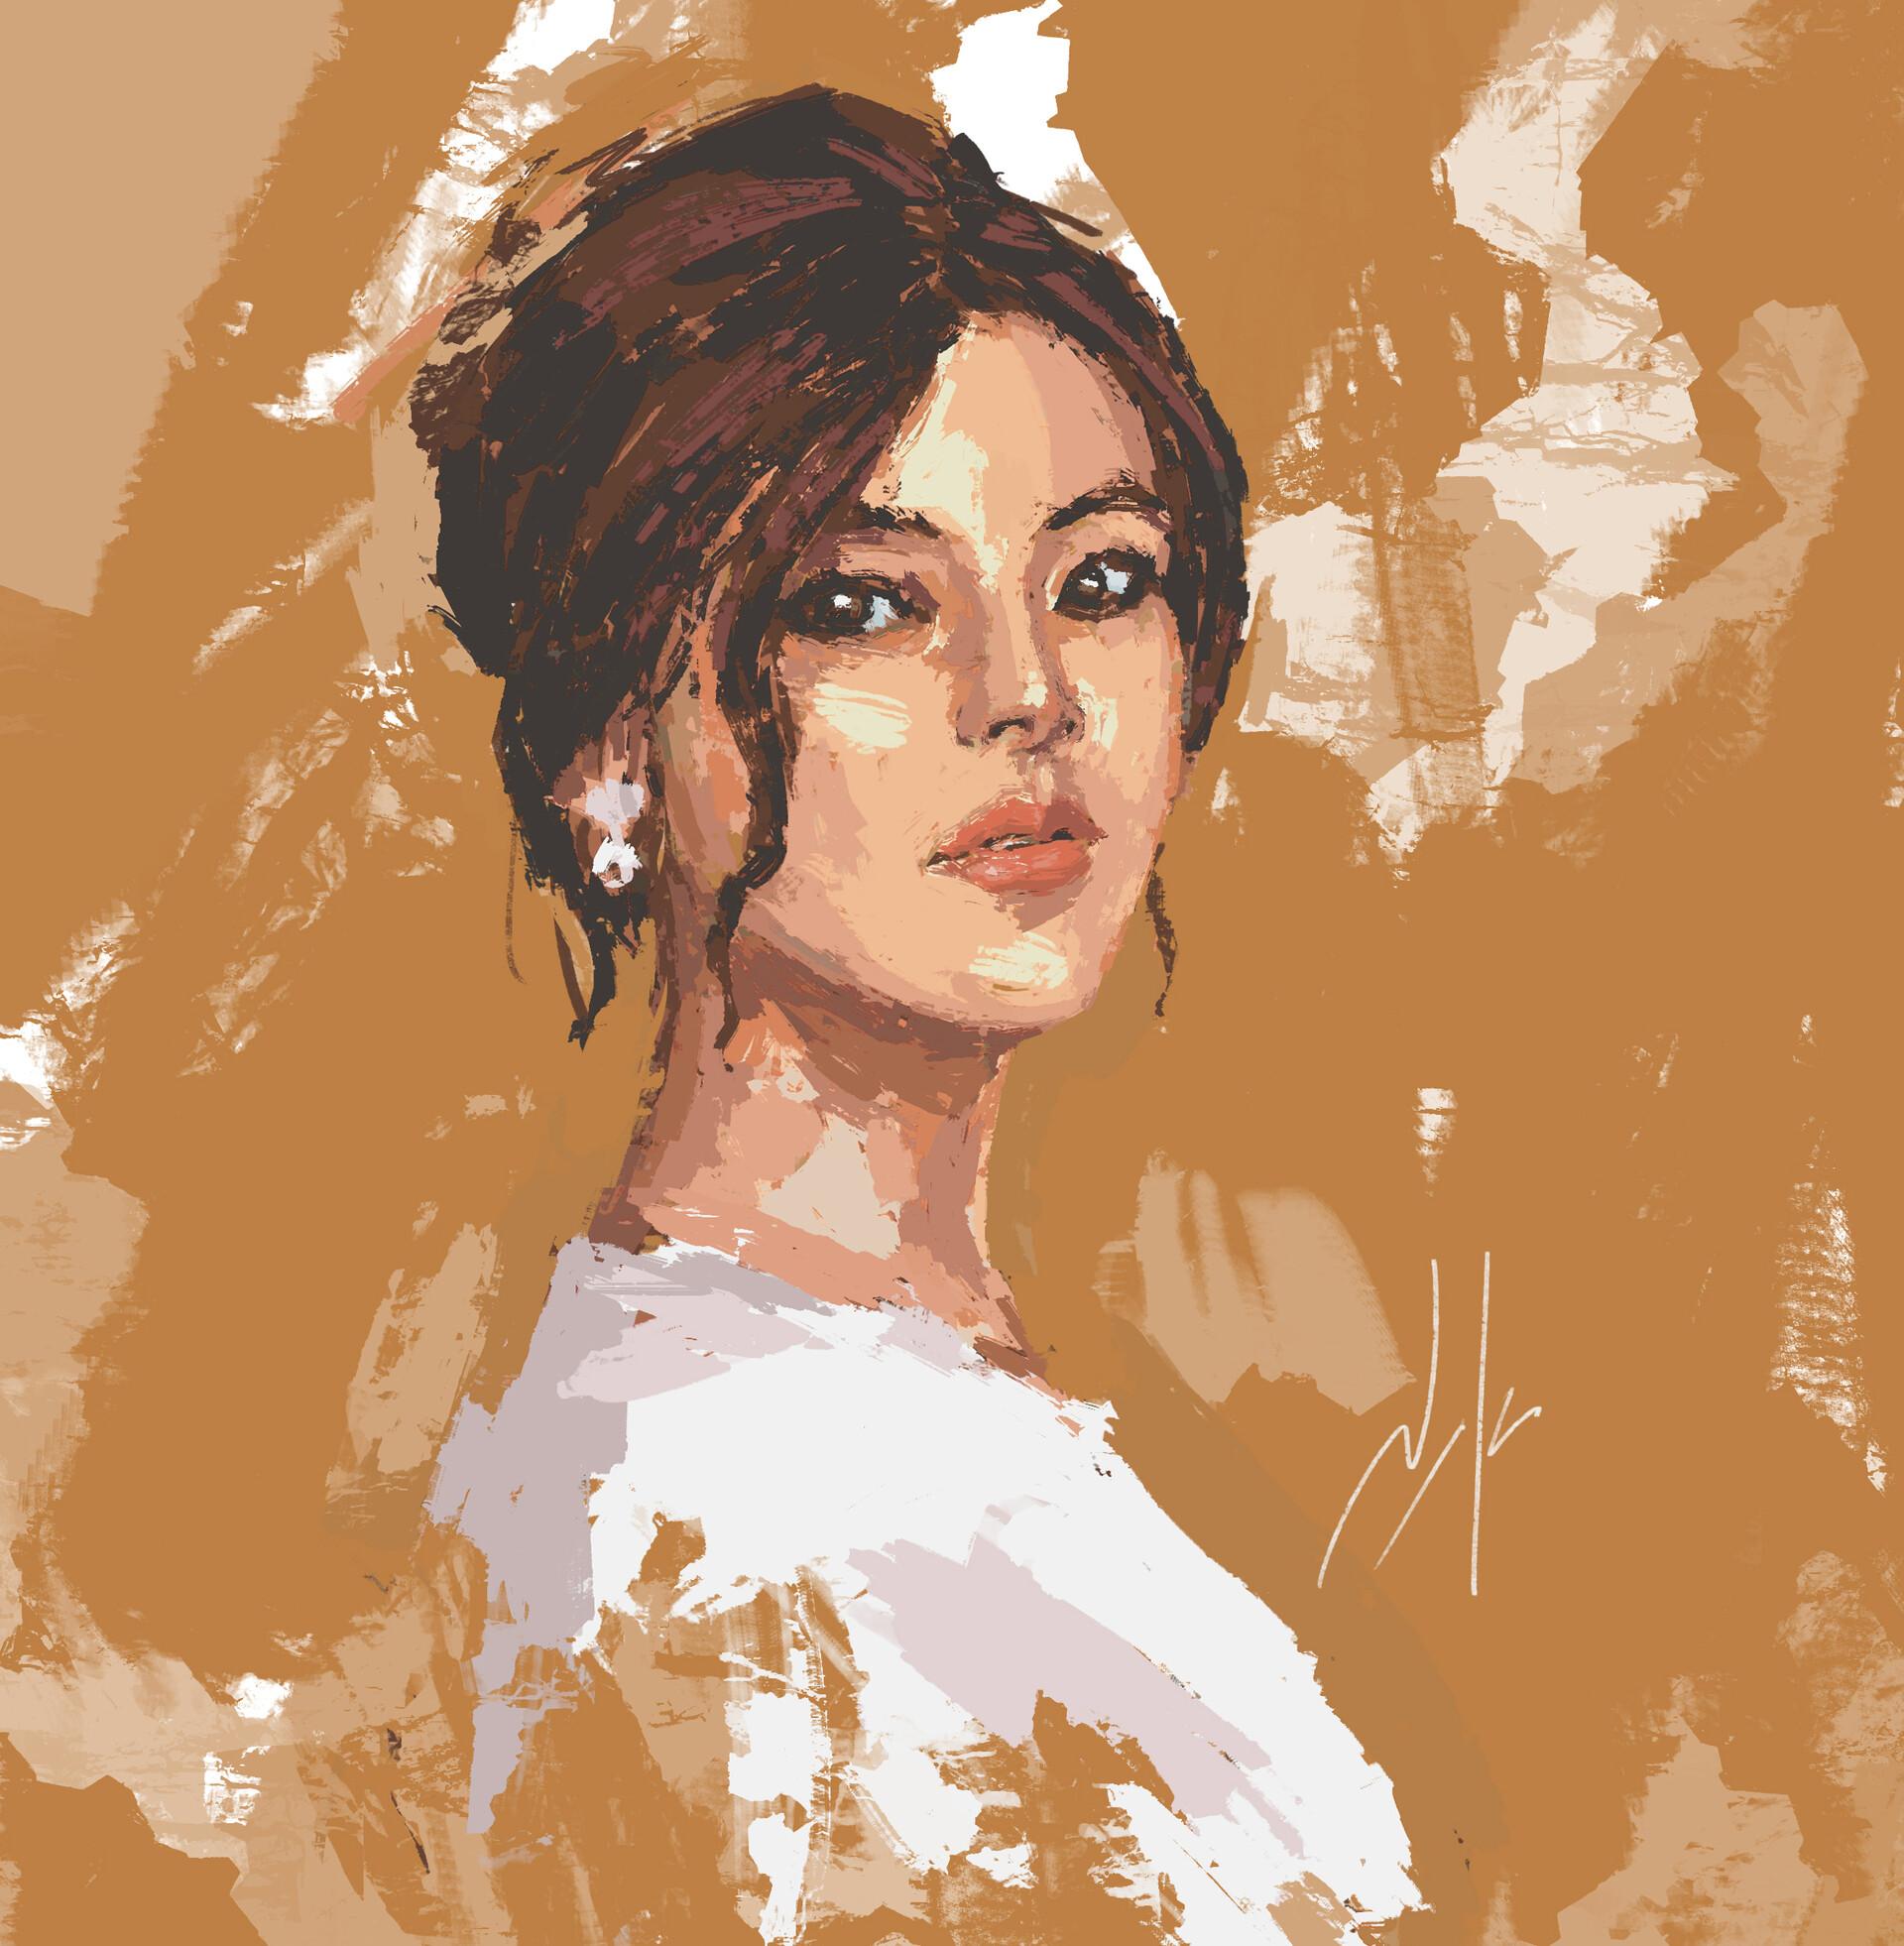 Naka isurita portrait practice 07